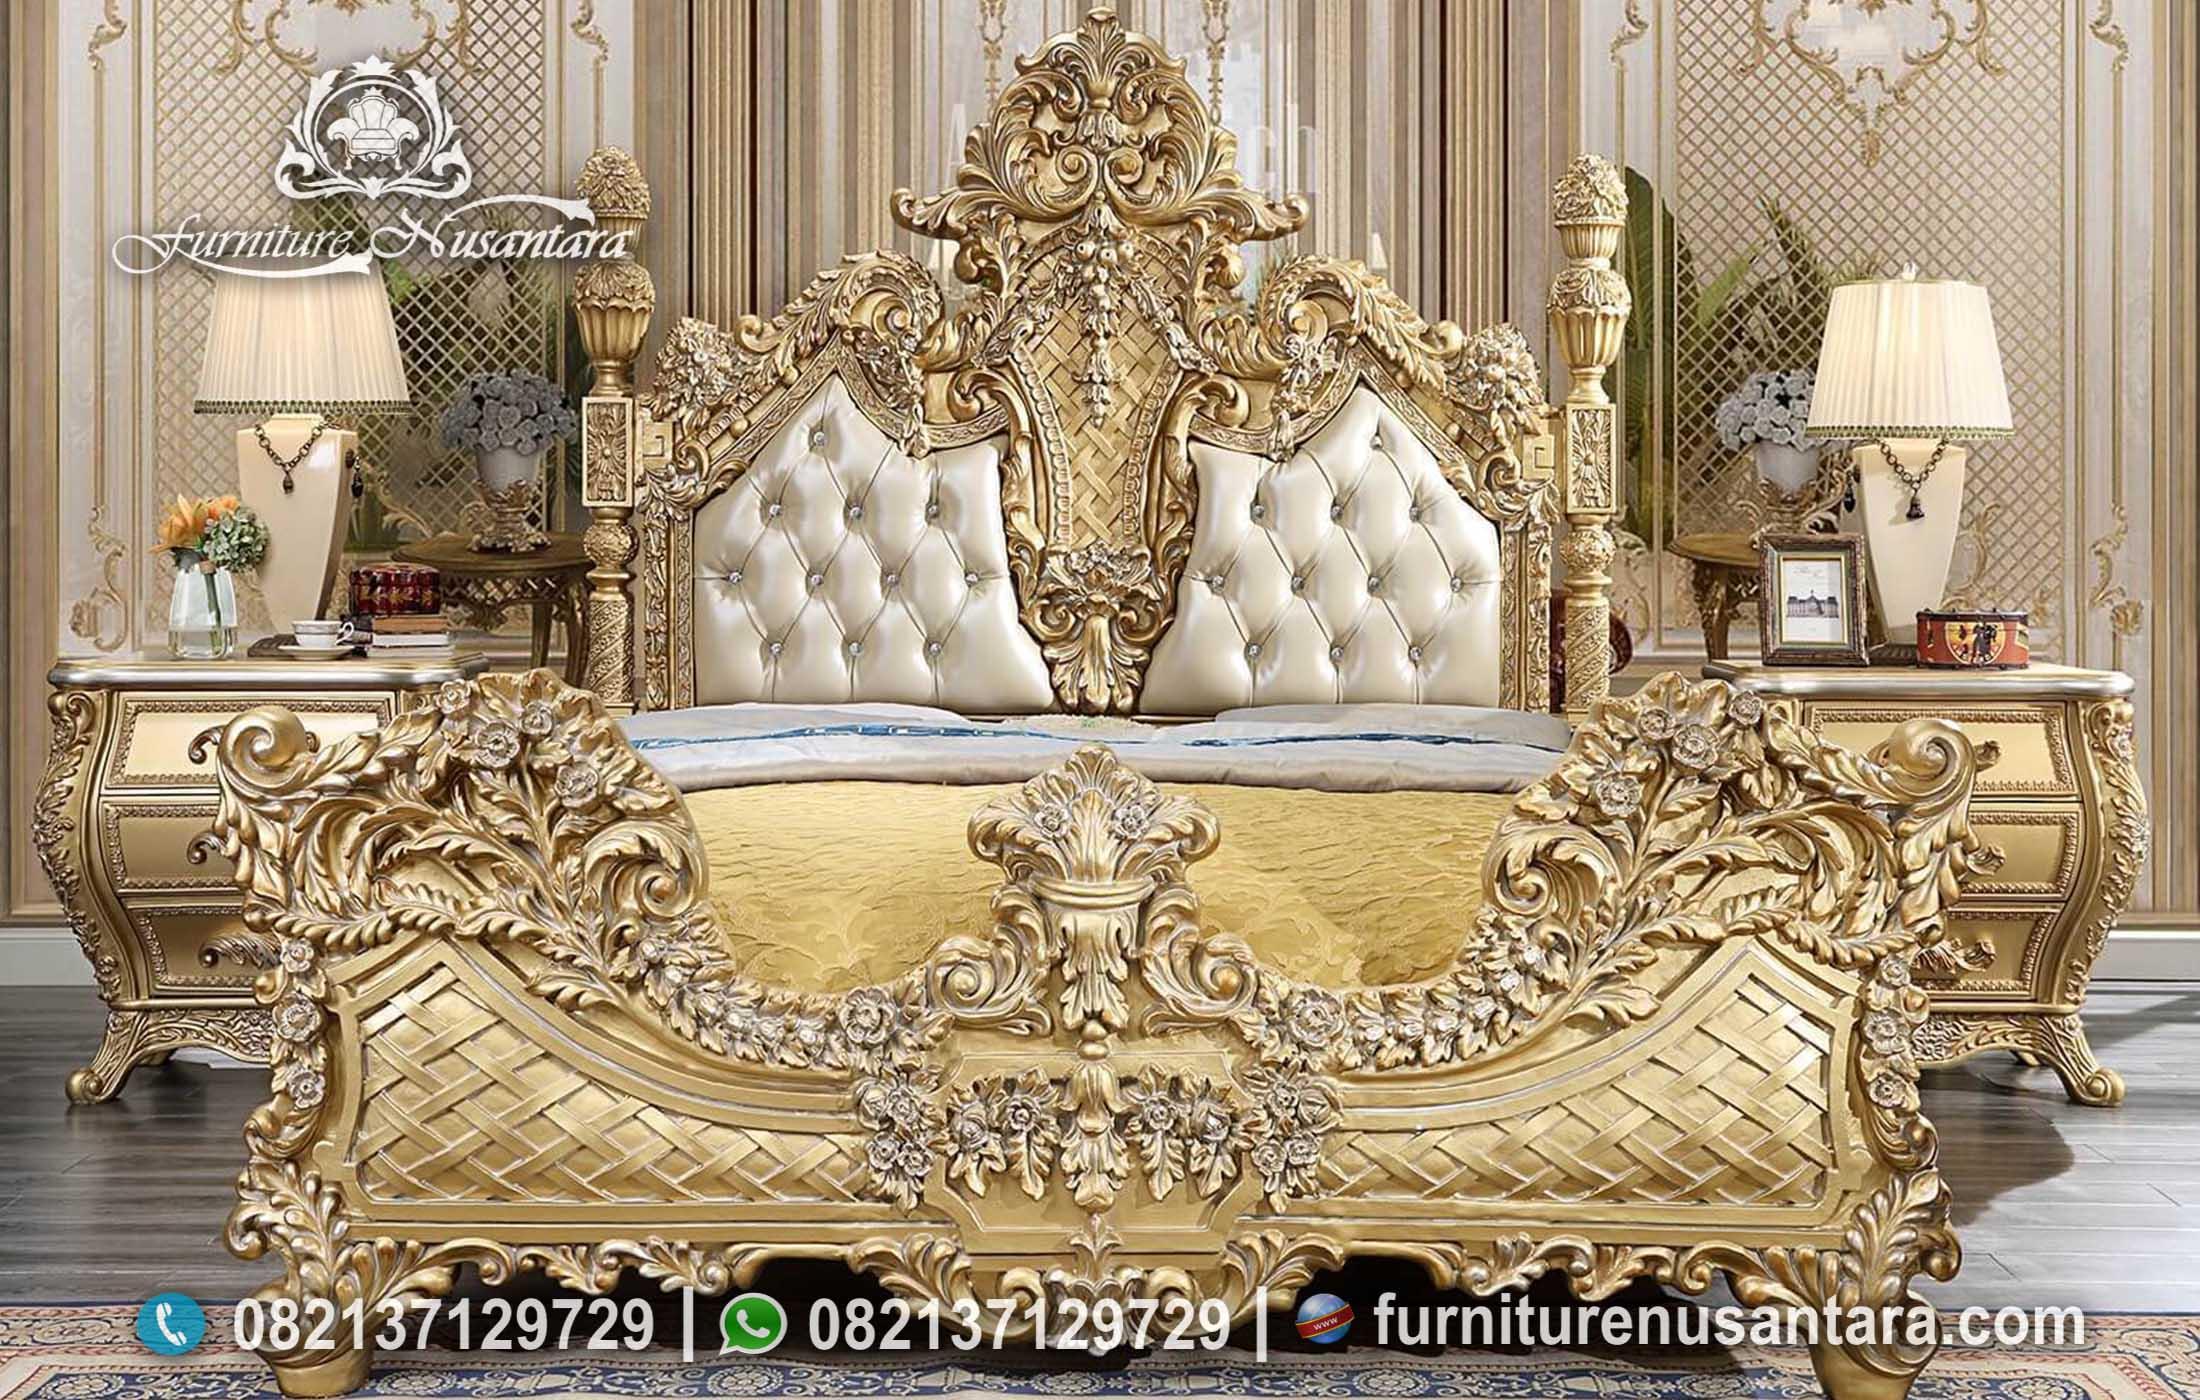 Tempat Tidur Luxury Gold Leaf Terbaik KS-245, Furniture Nusantara